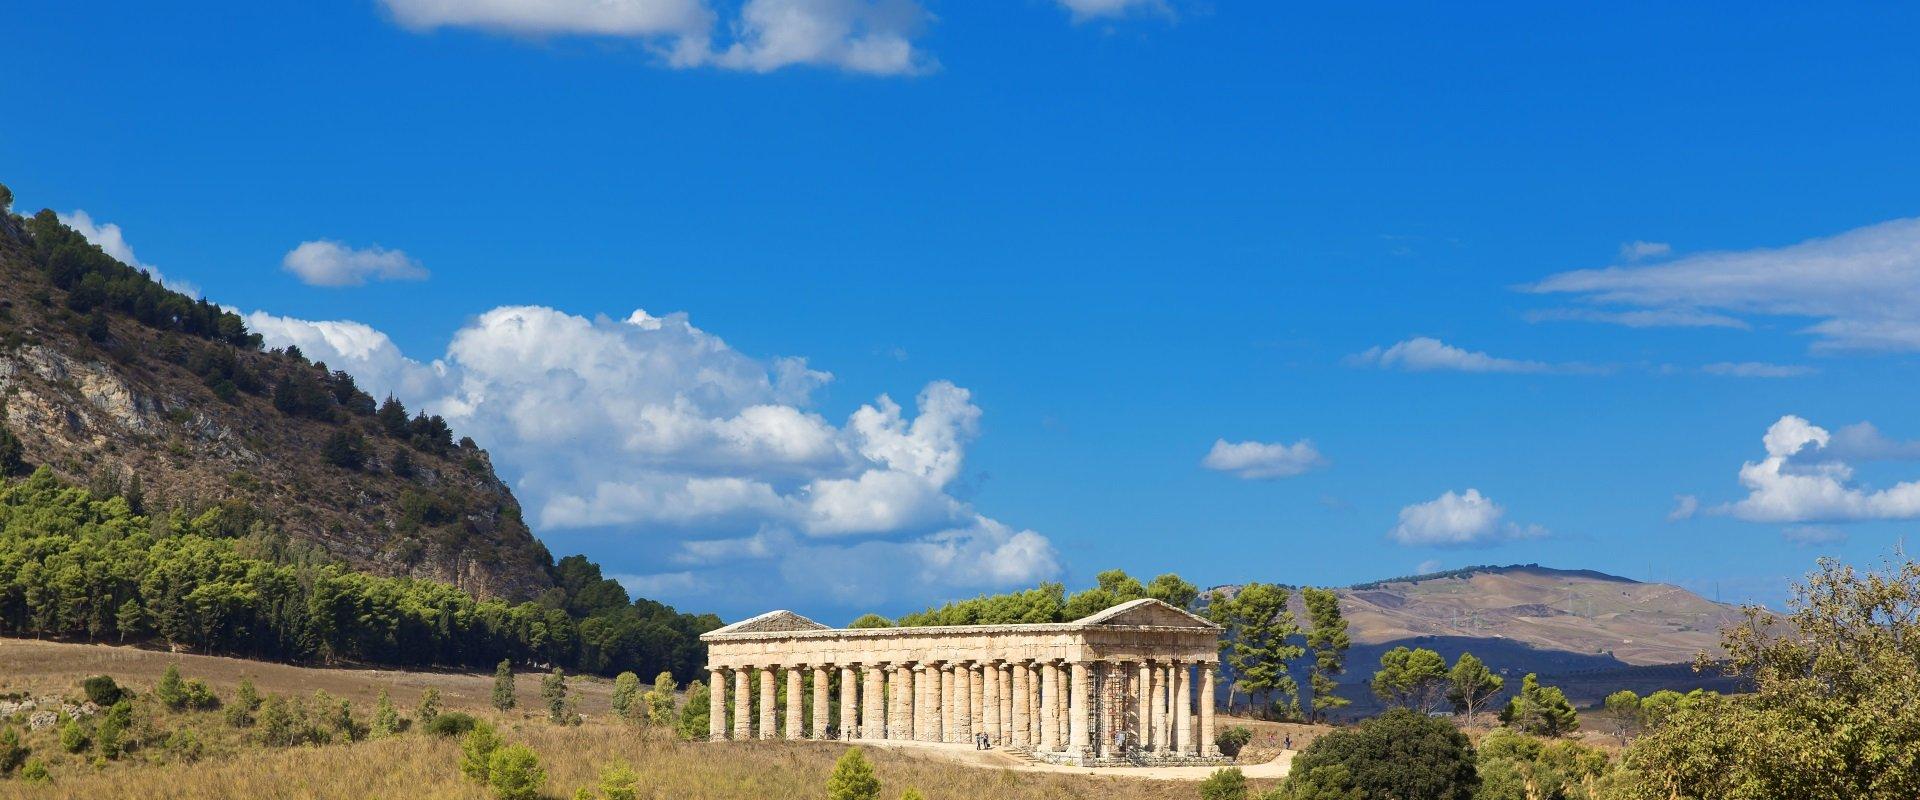 sicilie-tempel-van-segesta.jpg